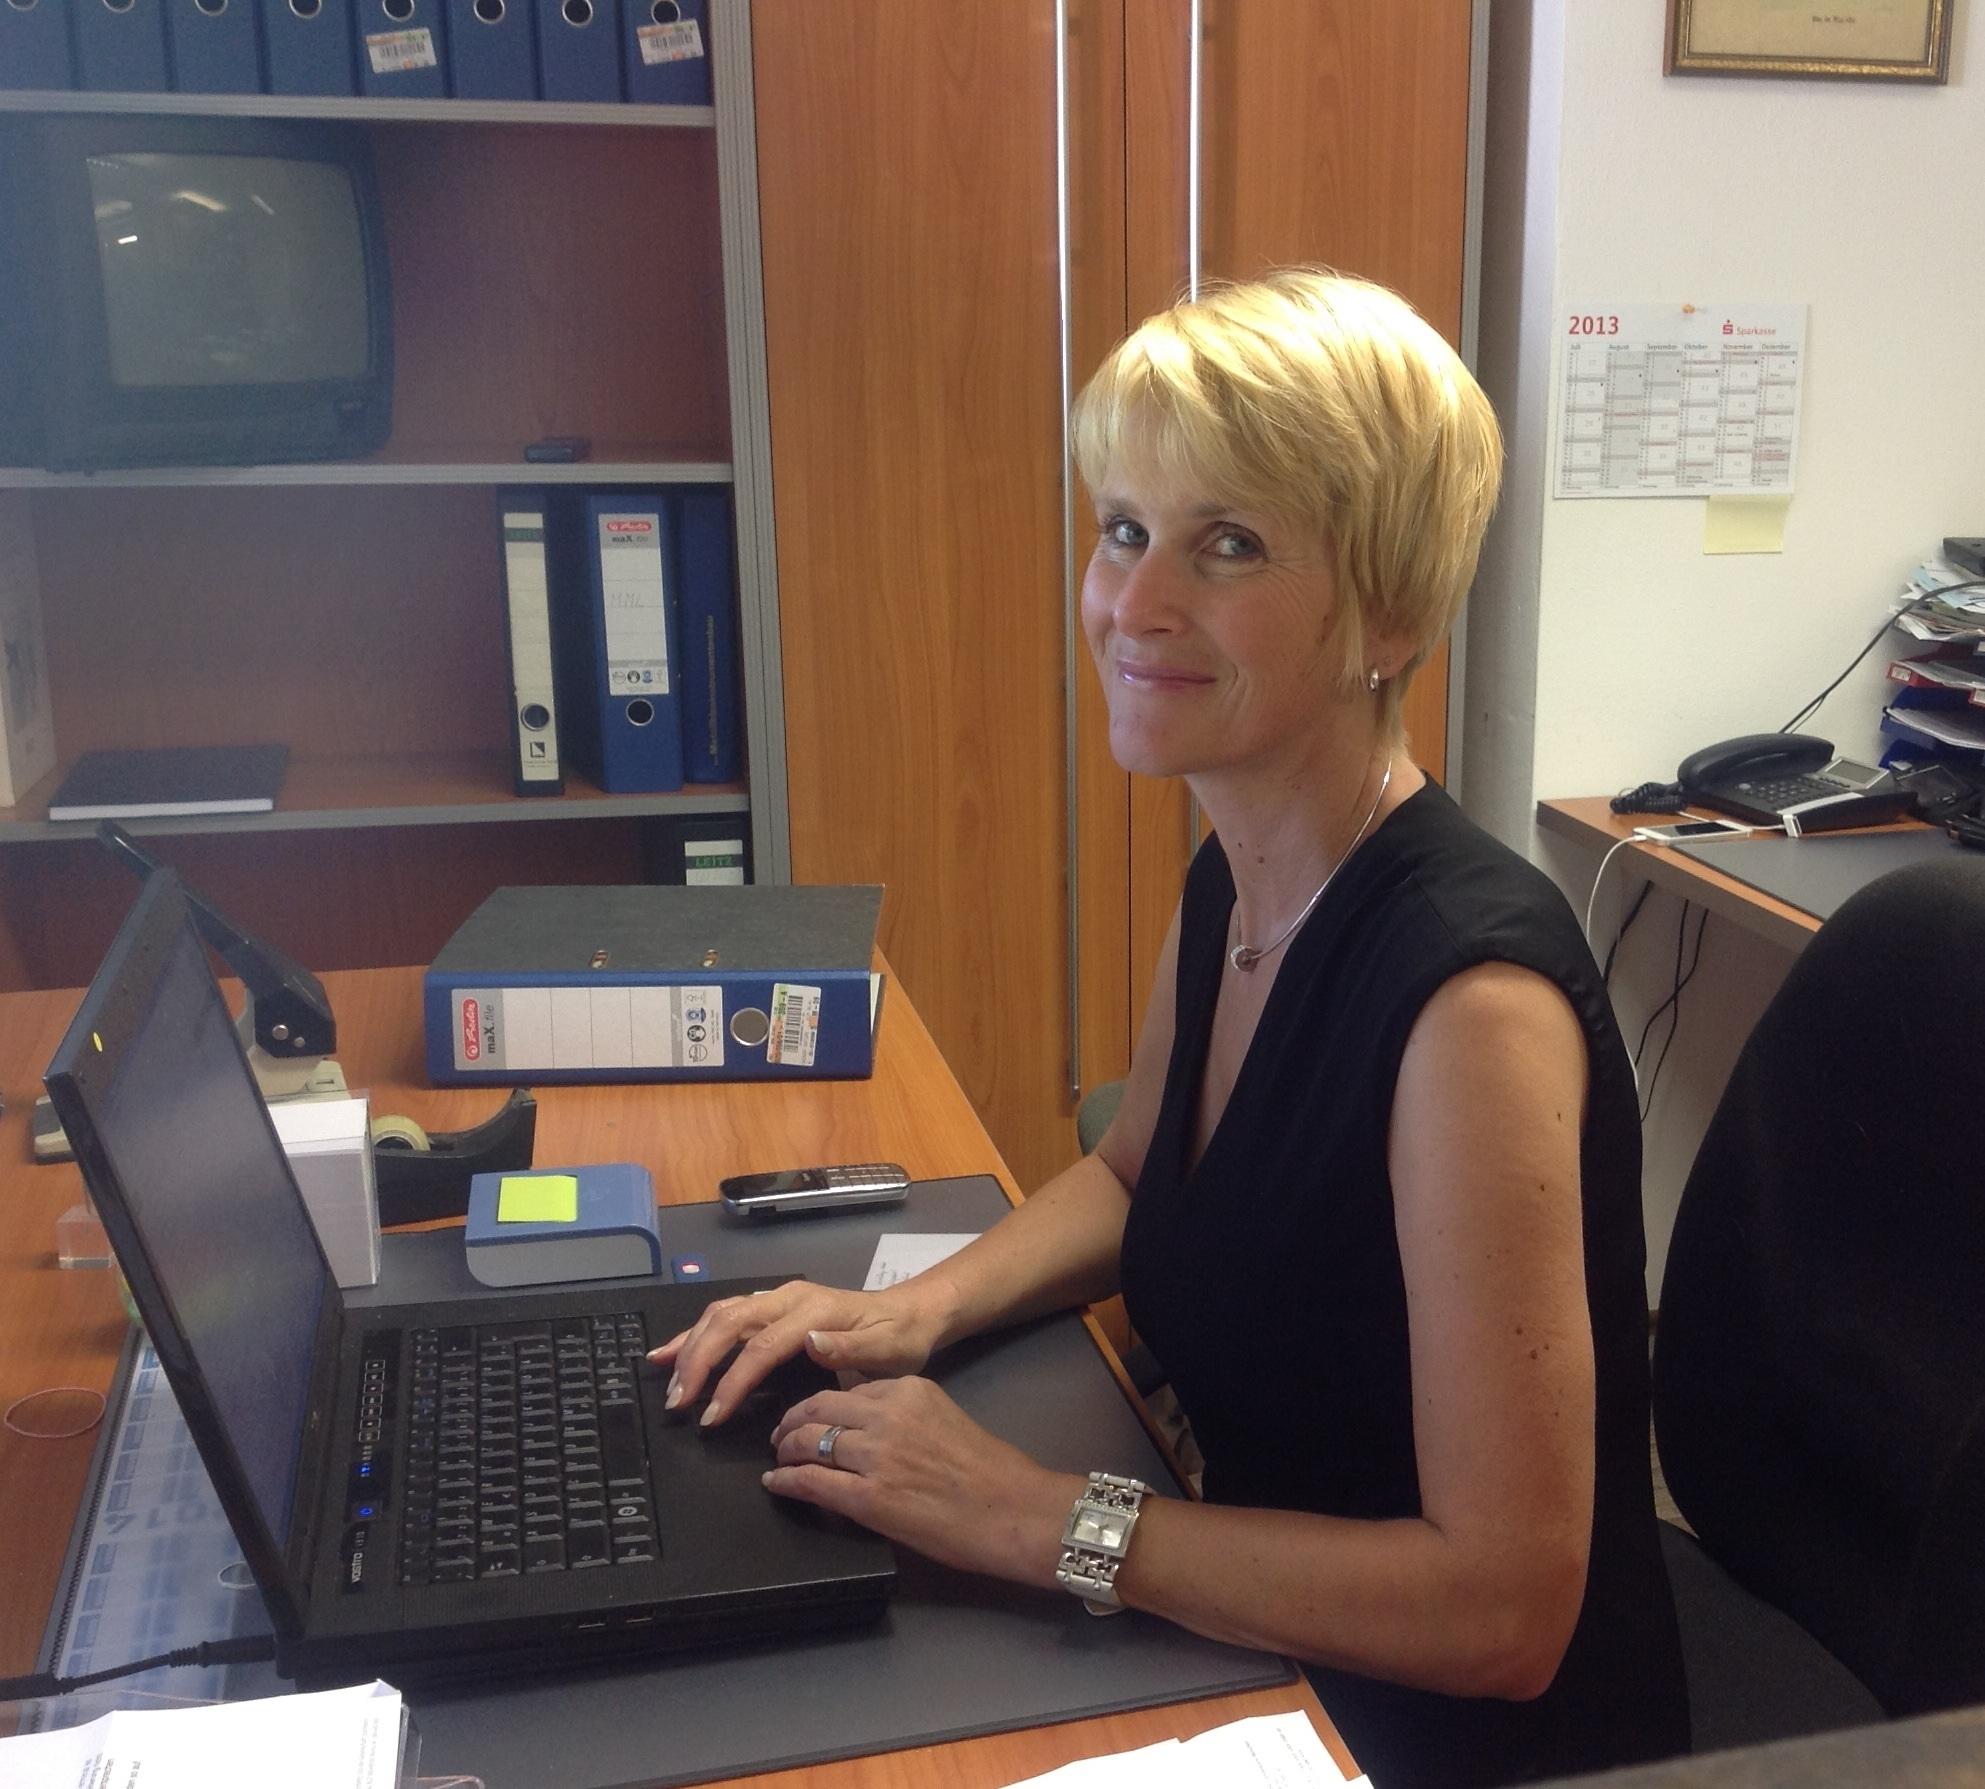 Ingrid Lienbachersie macht das Büro, Verkauf, Internet, Facebook, Erledigungen, ....... einfach für Alles